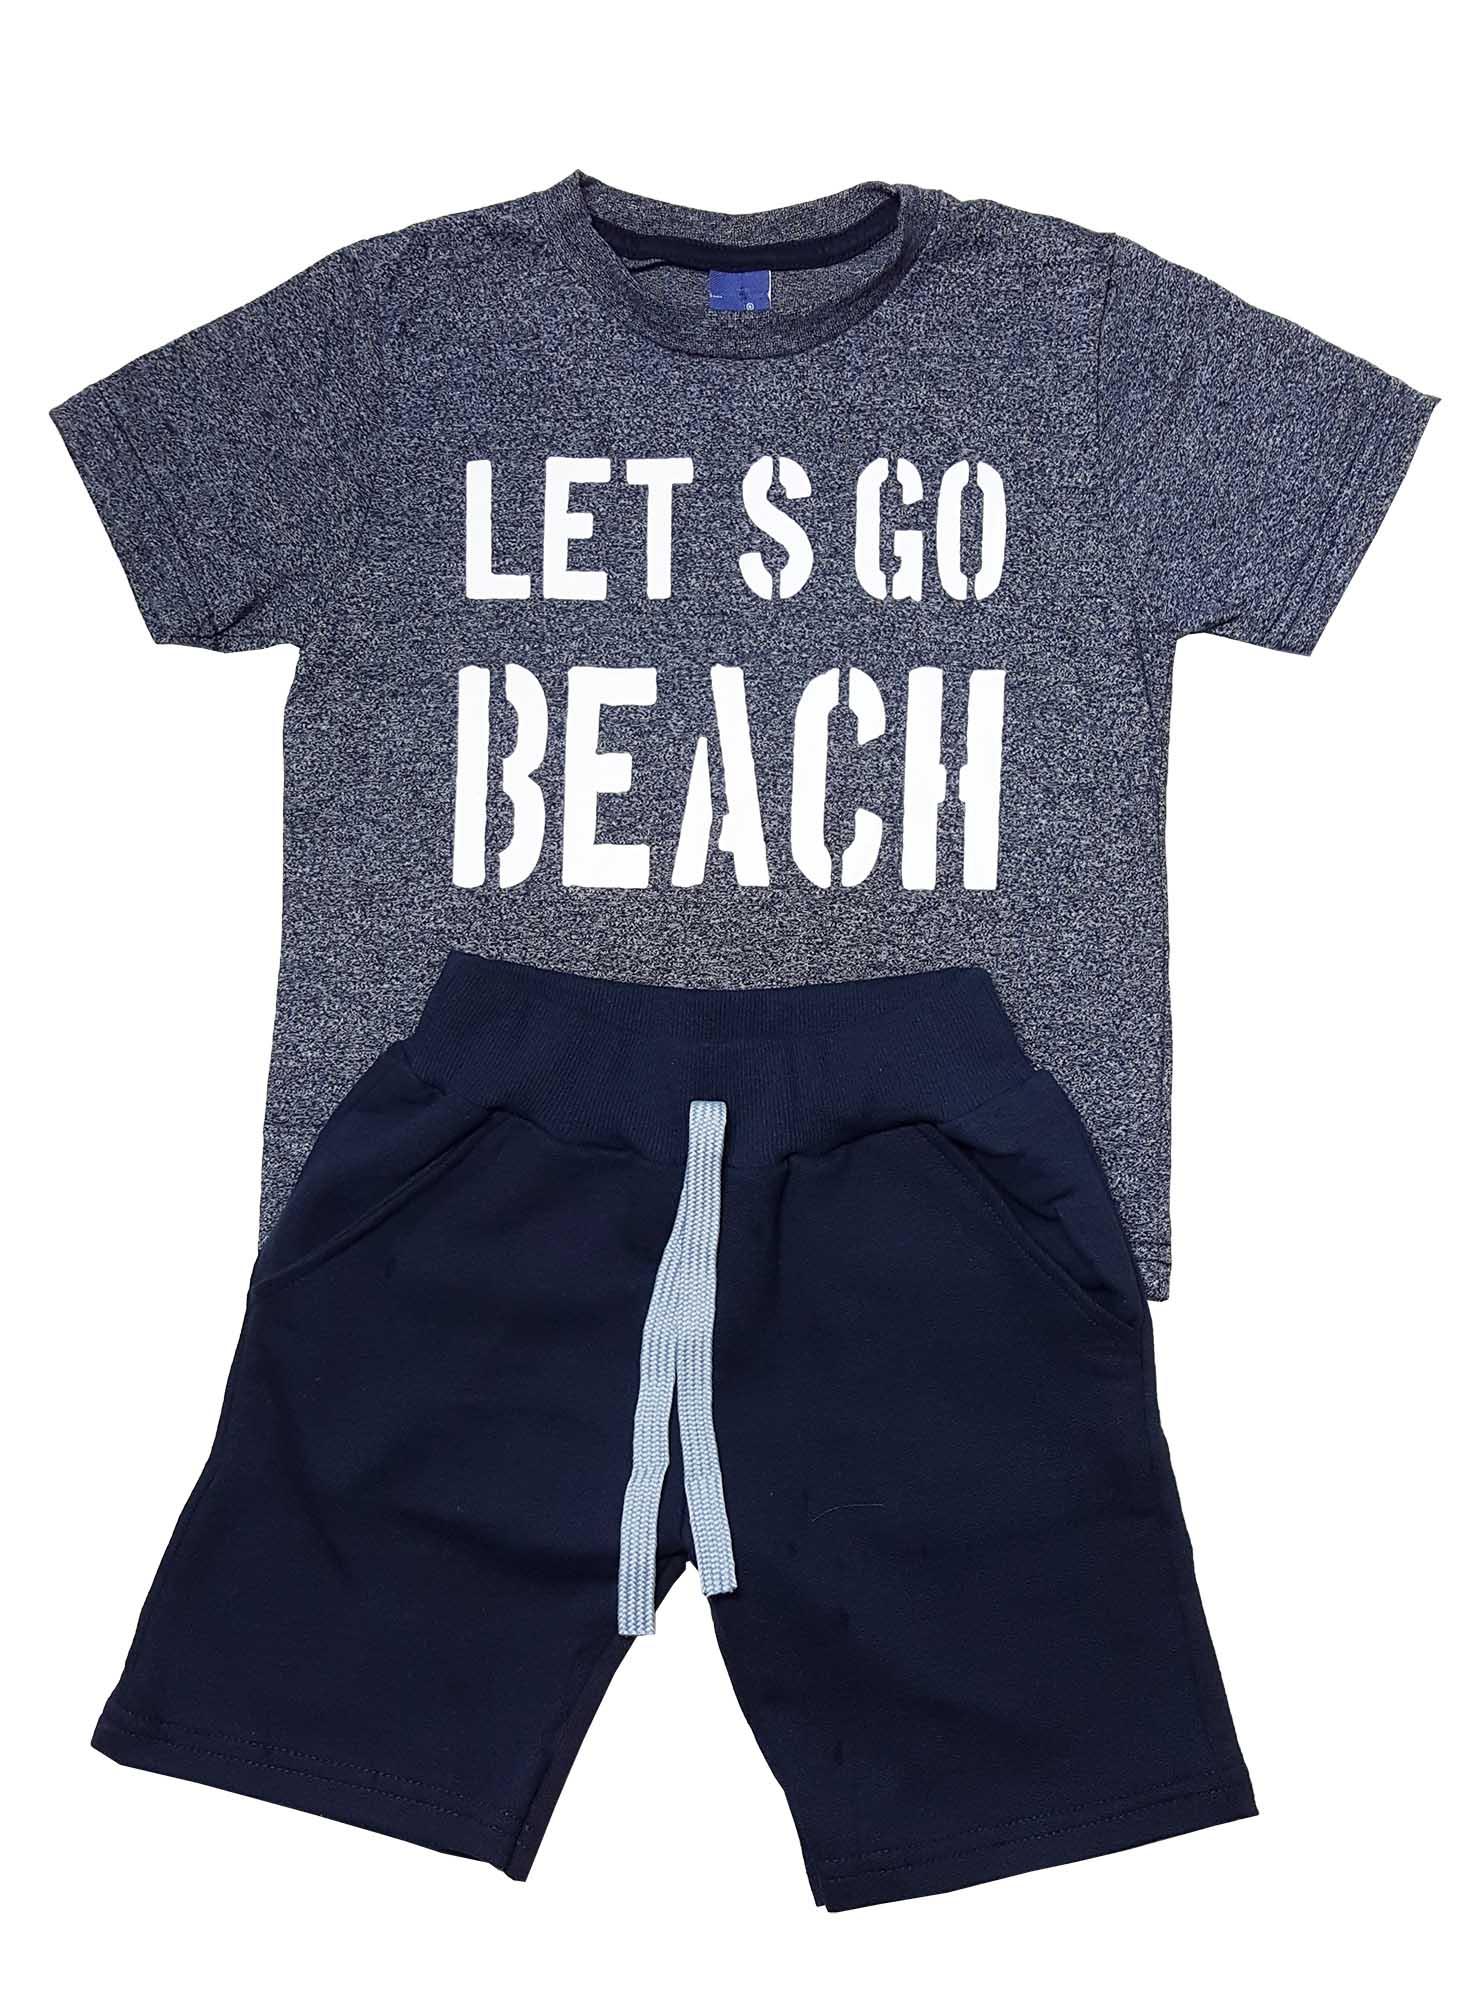 Conjunto Infantil Camiseta e Bermuda Moletom  TMX  Lets Go Marinho - TAMANHO 6